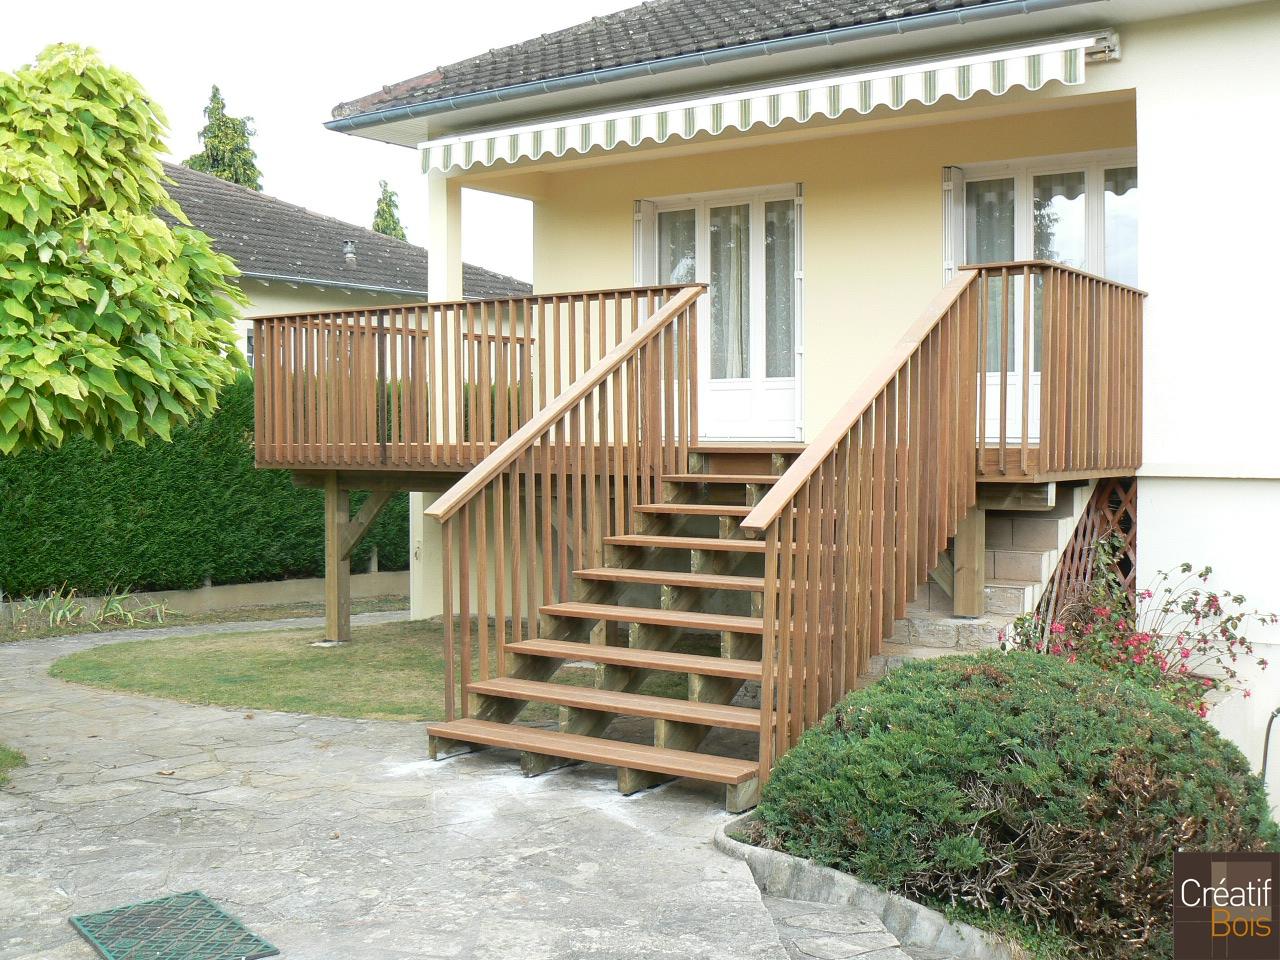 Terrasse bois sur poteaux et escalier bois condat sur for Escalier de terrasse